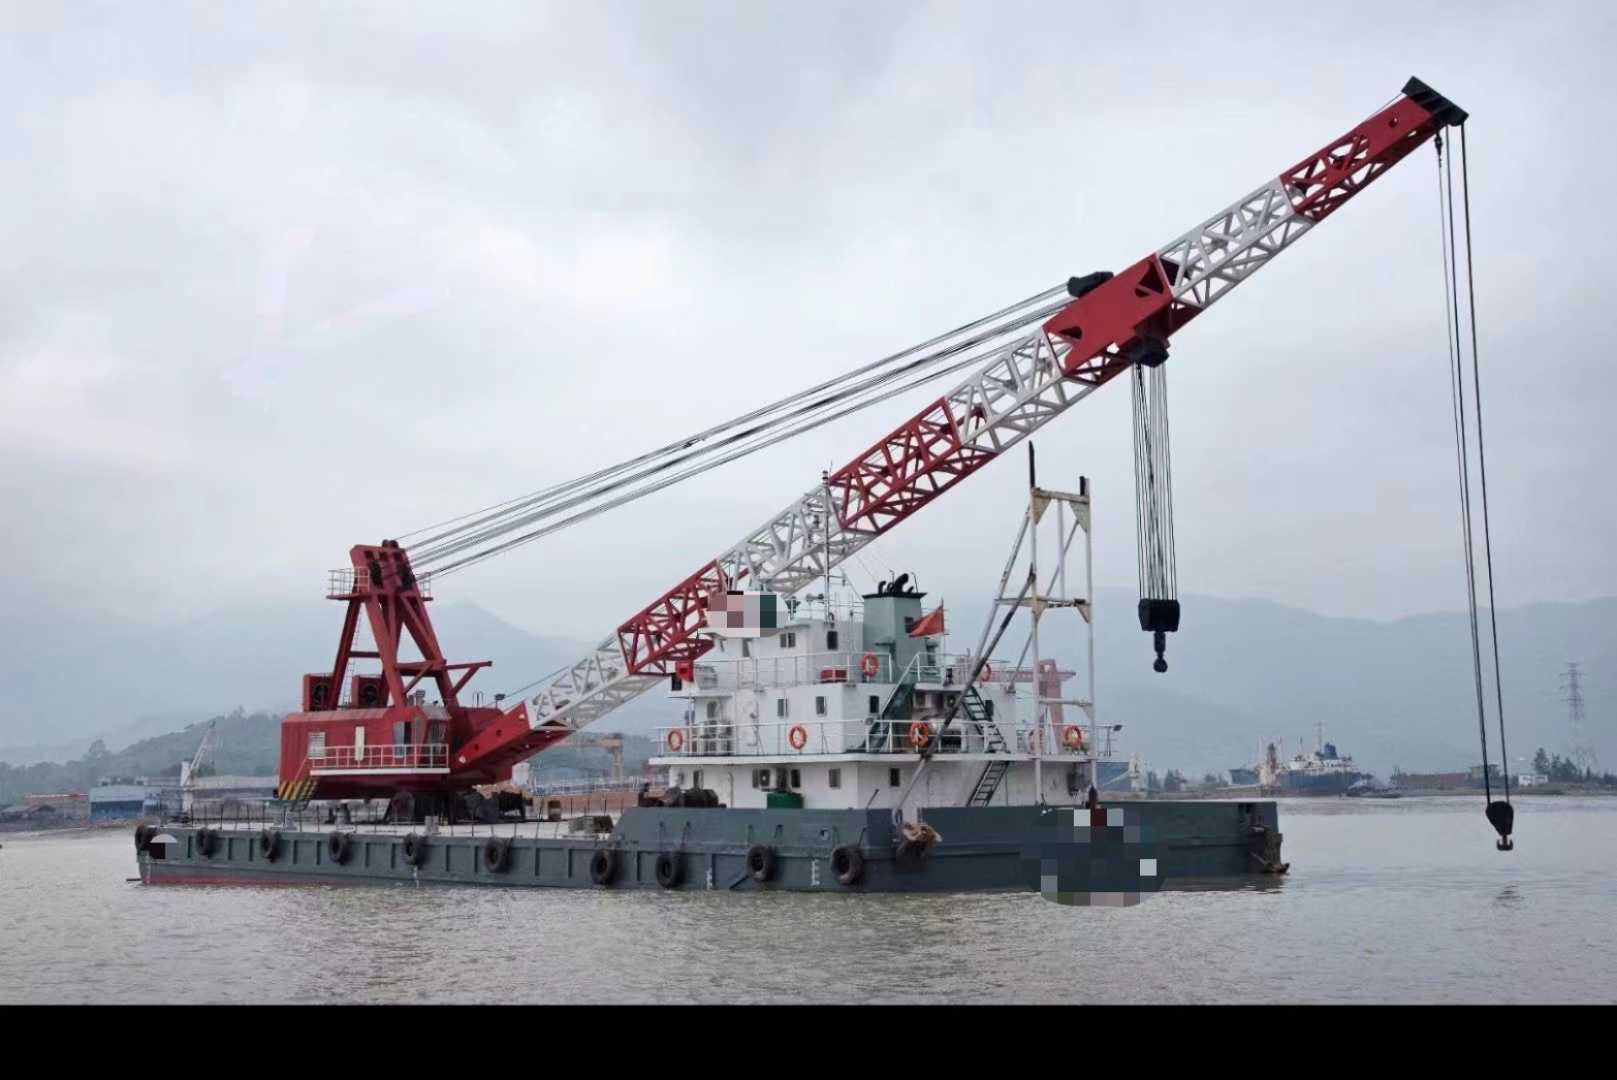 出租/出售/100-500吨全回转起重船